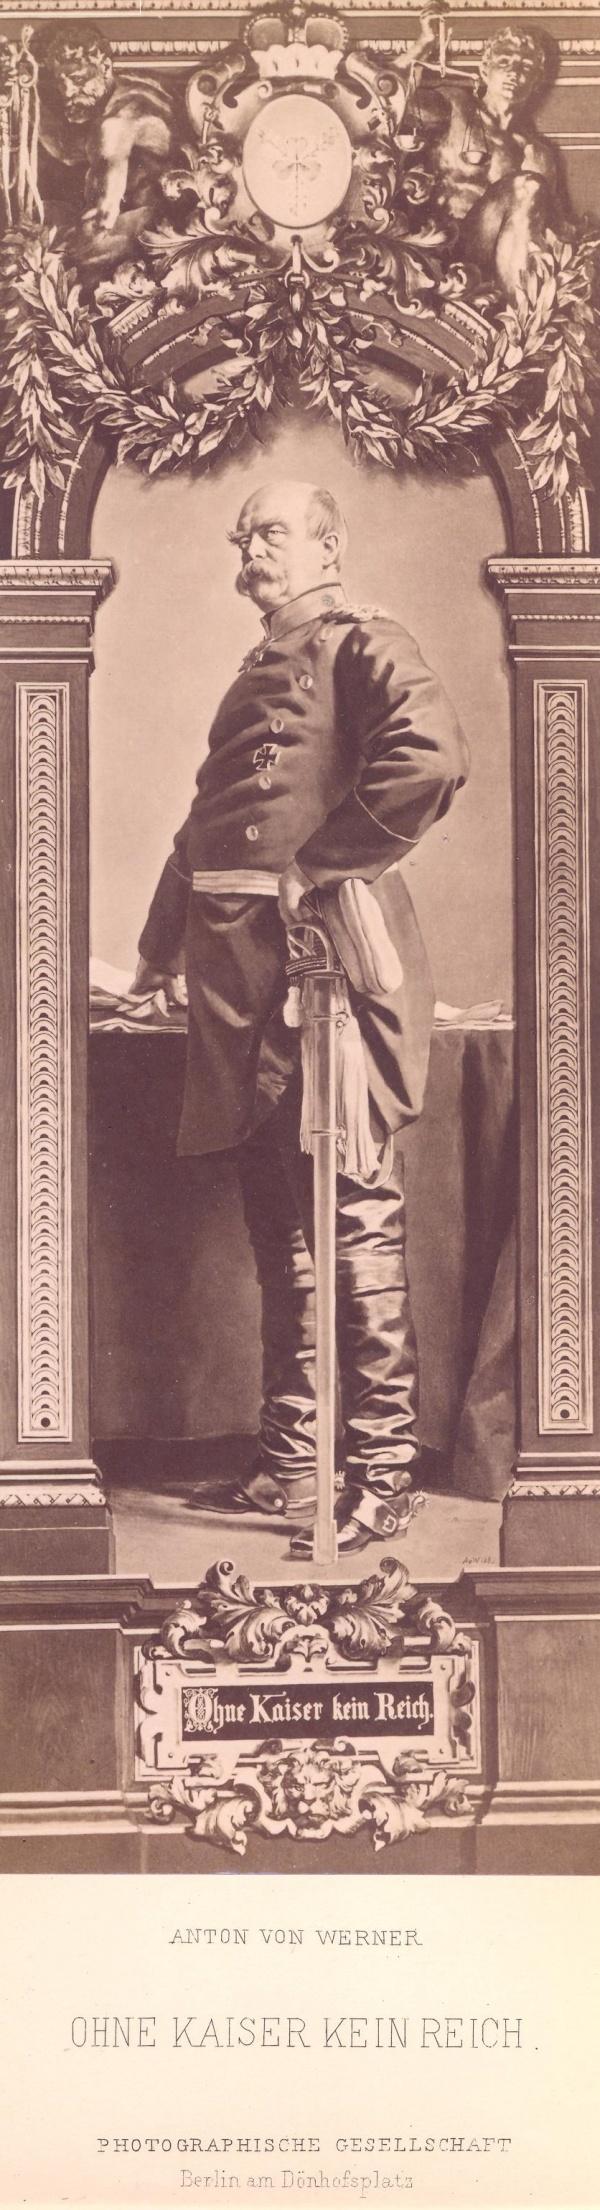 Anton von Werner (99 работ)